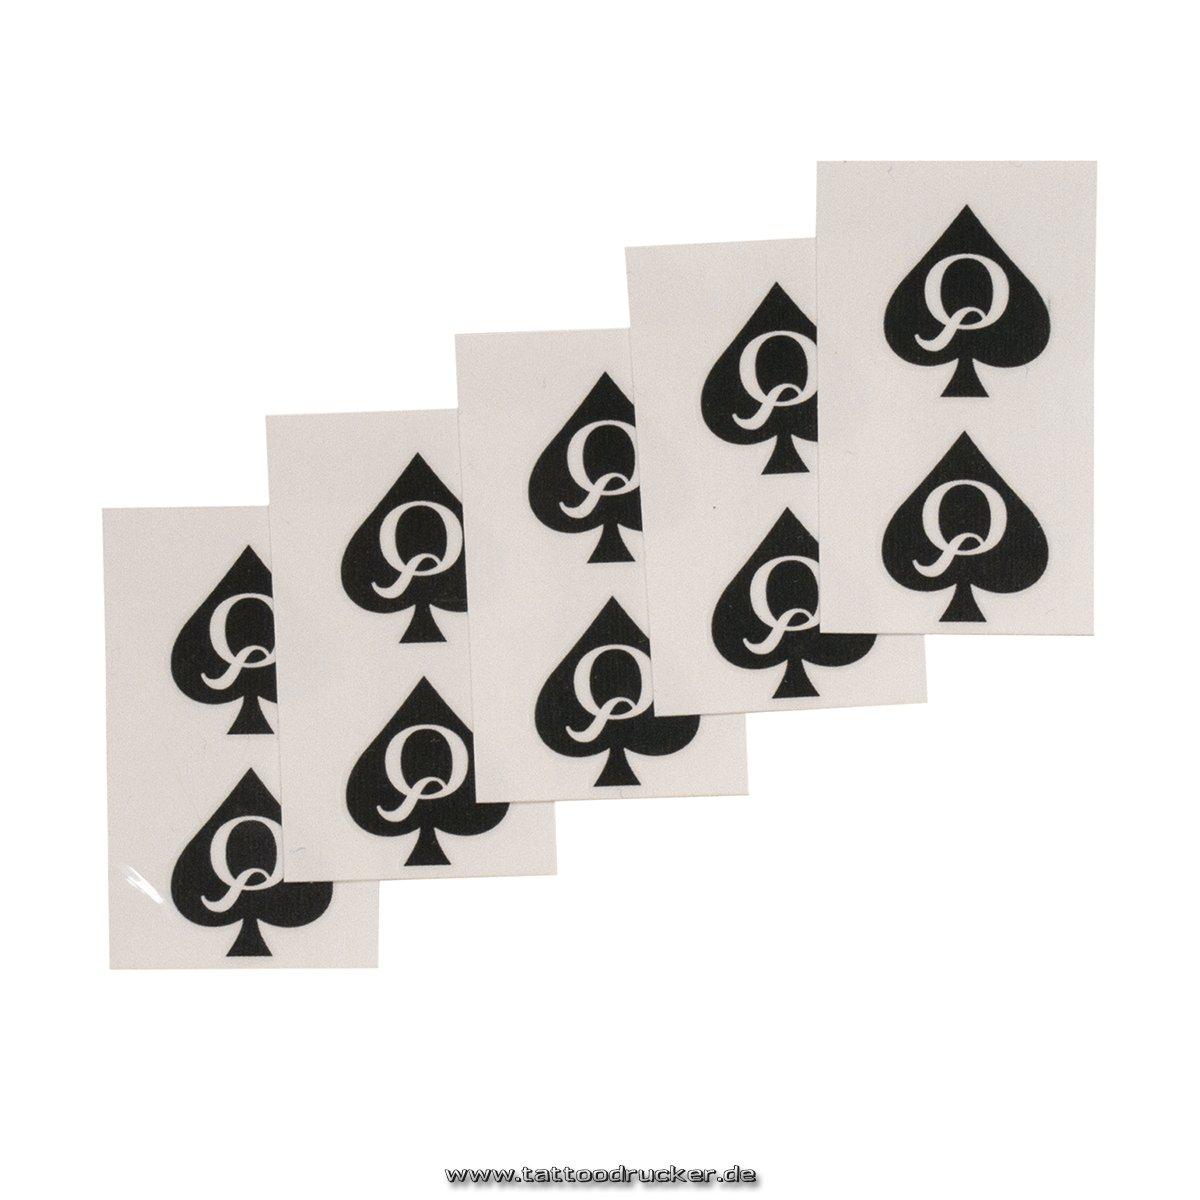 10 Queen of Spades mini Tattoo - QoS black tattoo - naughty temporary tattoo TMP Mini-QoS-10